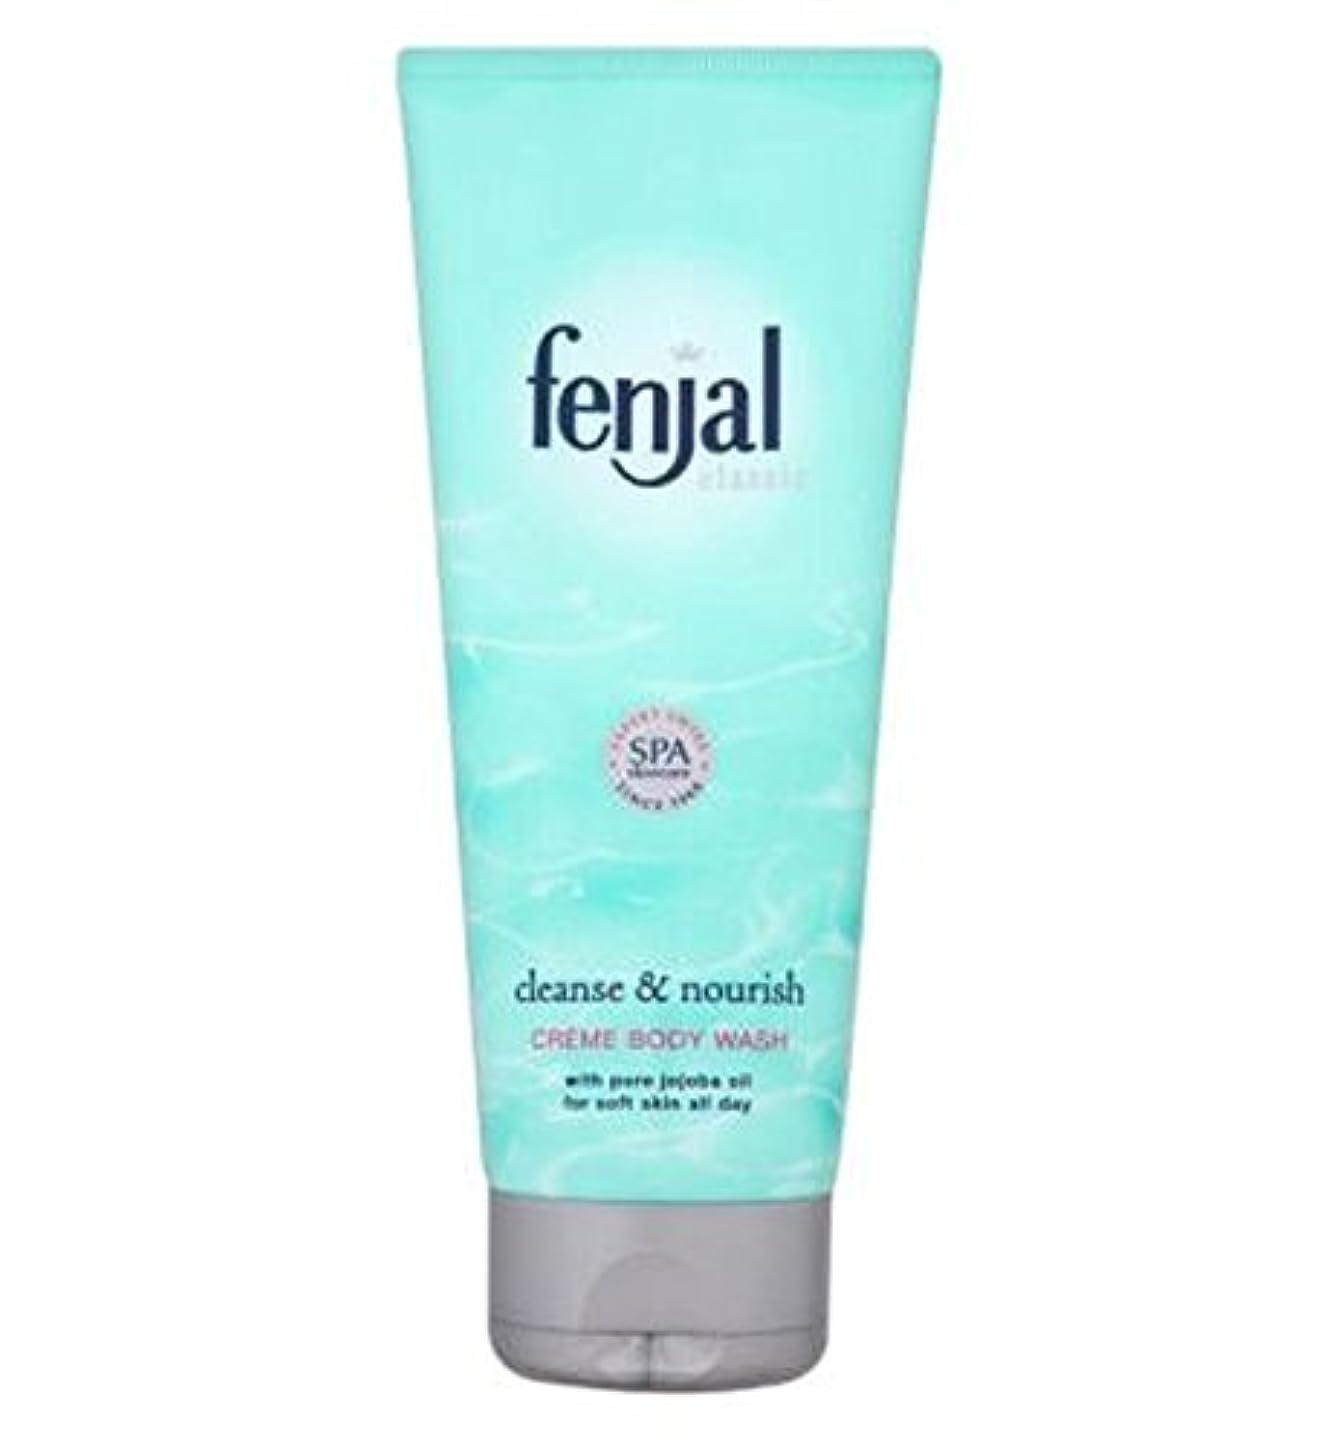 効率ポインタ軌道Fenjal古典的な高級クリームオイルボディウォッシュ (Fenjal) (x2) - Fenjal Classic Luxury Creme Oil Body Wash (Pack of 2) [並行輸入品]